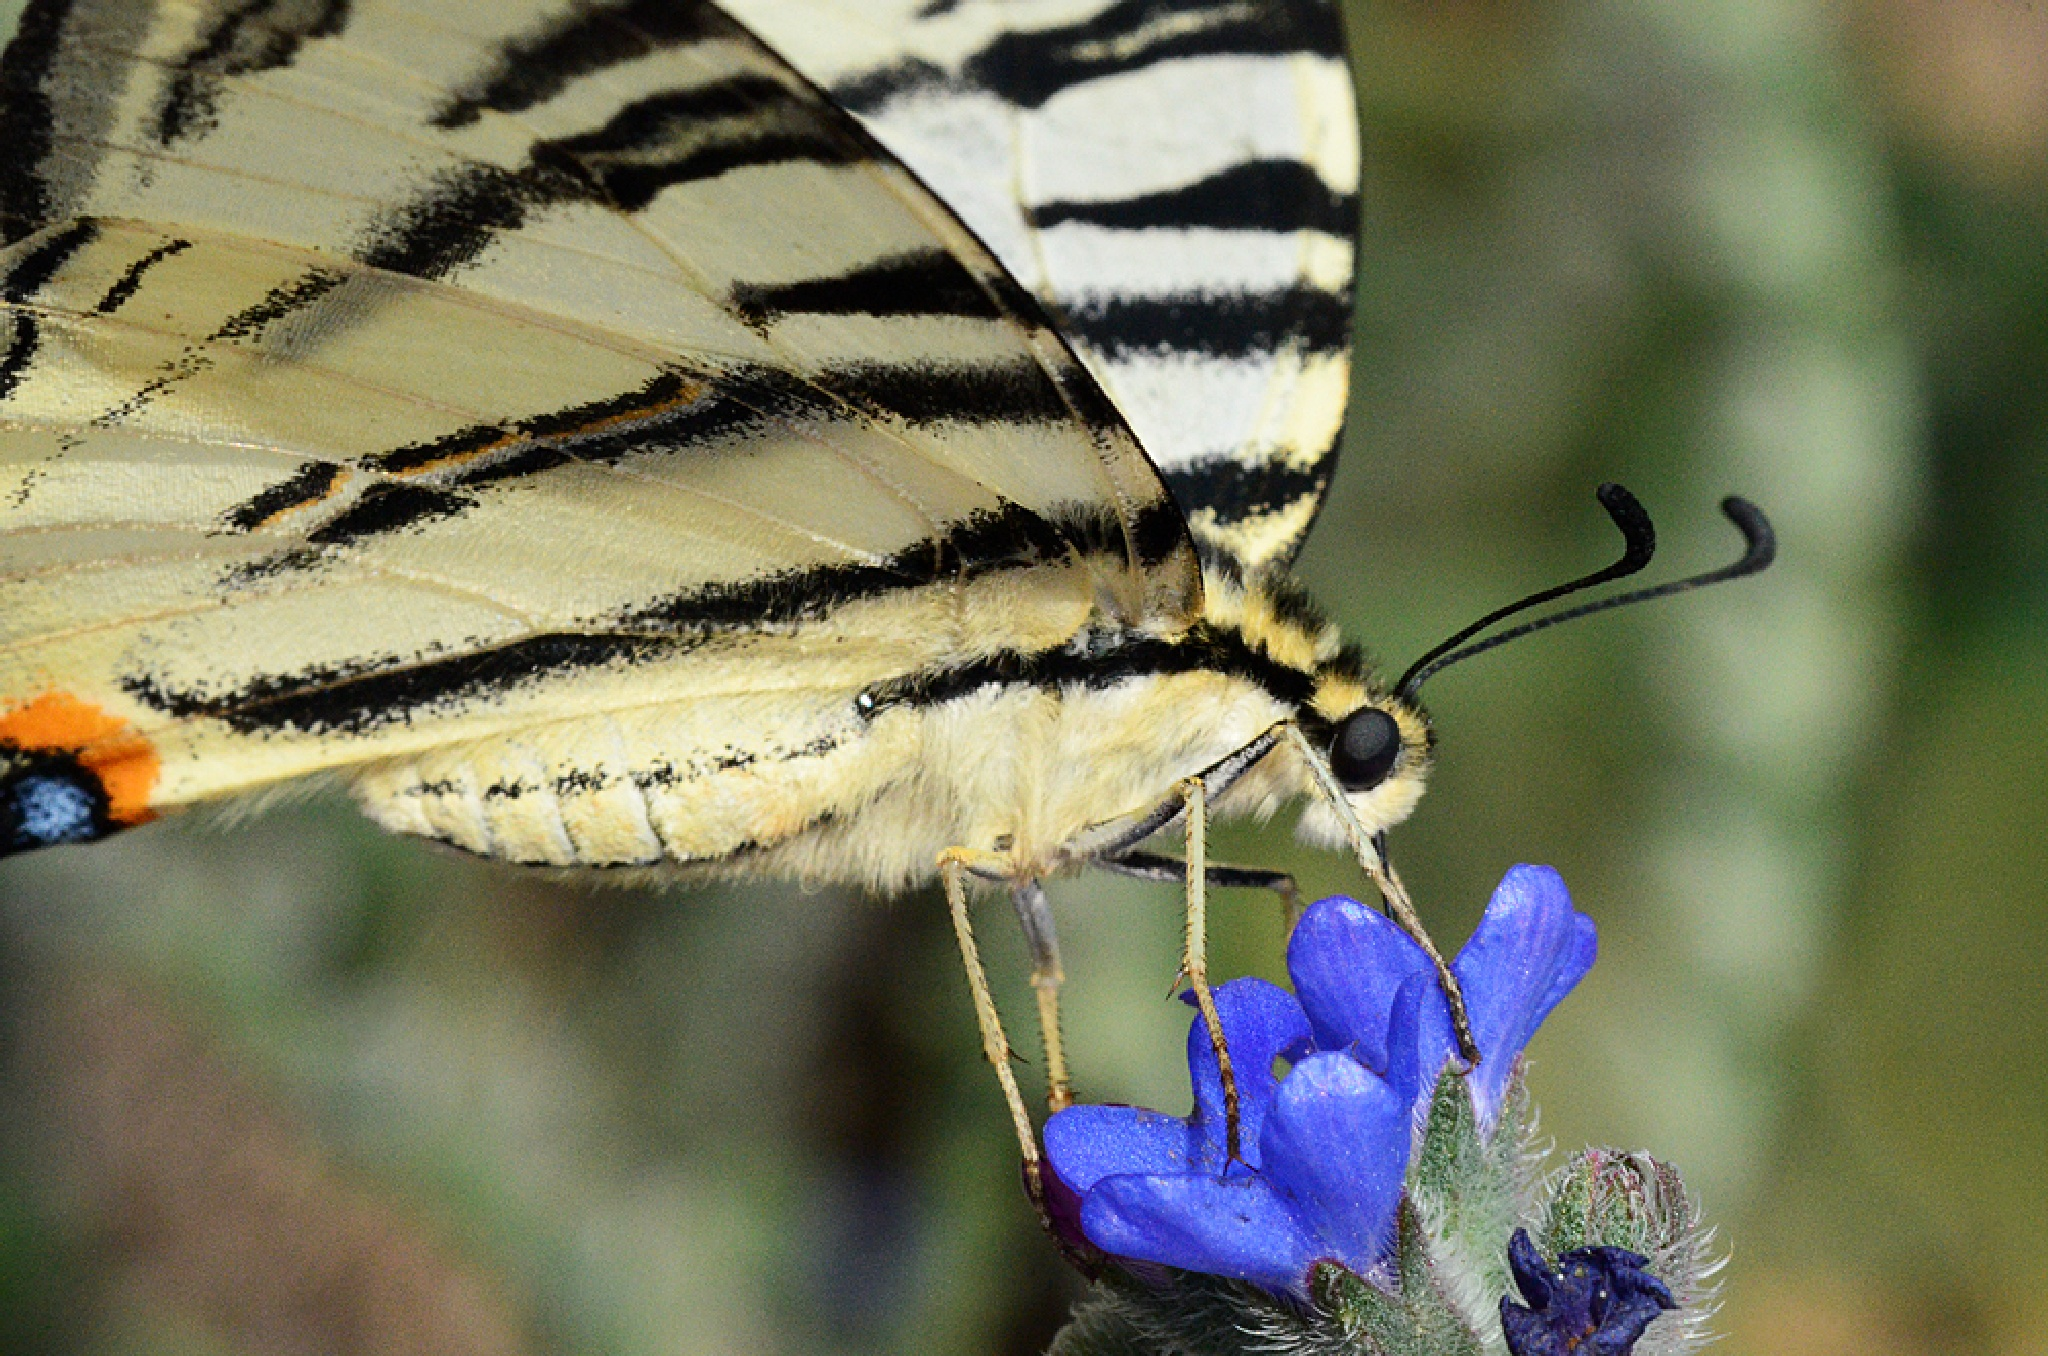 Butterfly by Ümit Alper TÜMEN